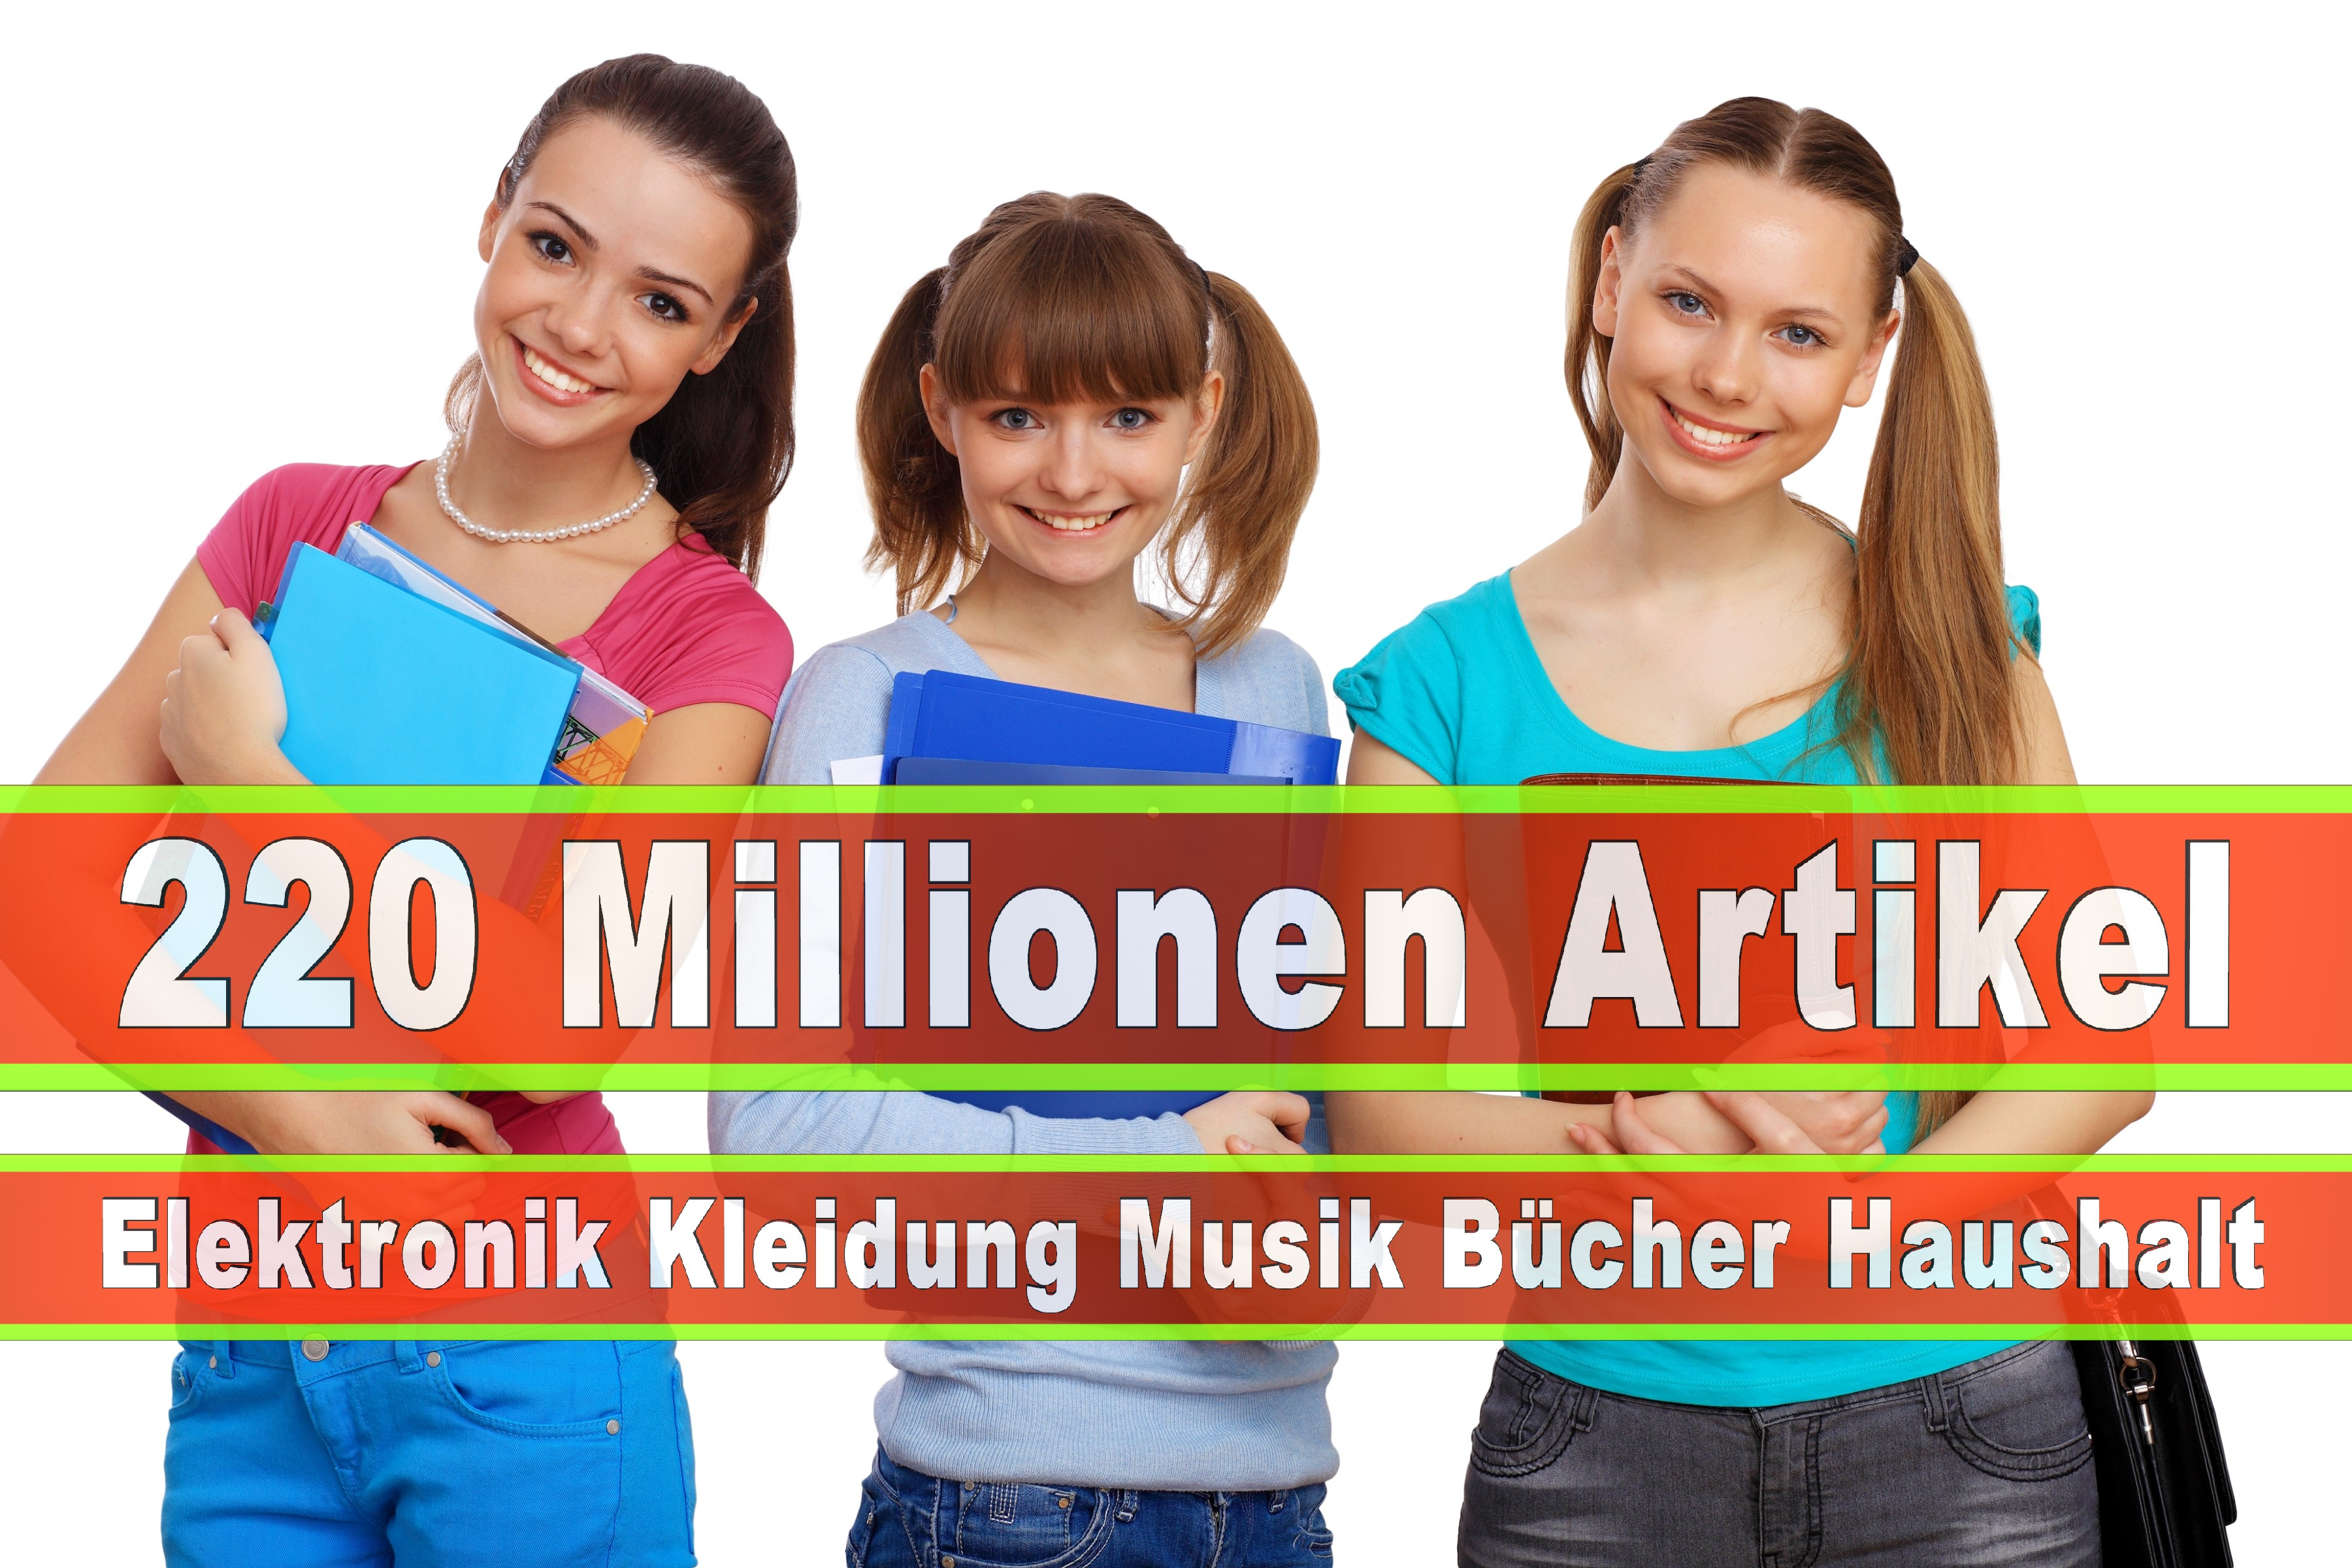 Amazon Elektronik Musik Haushalt Bücher CD DVD Handys Smartphones TV Television Fernseher Kleidung Mode Ebay Versandhaus (69)